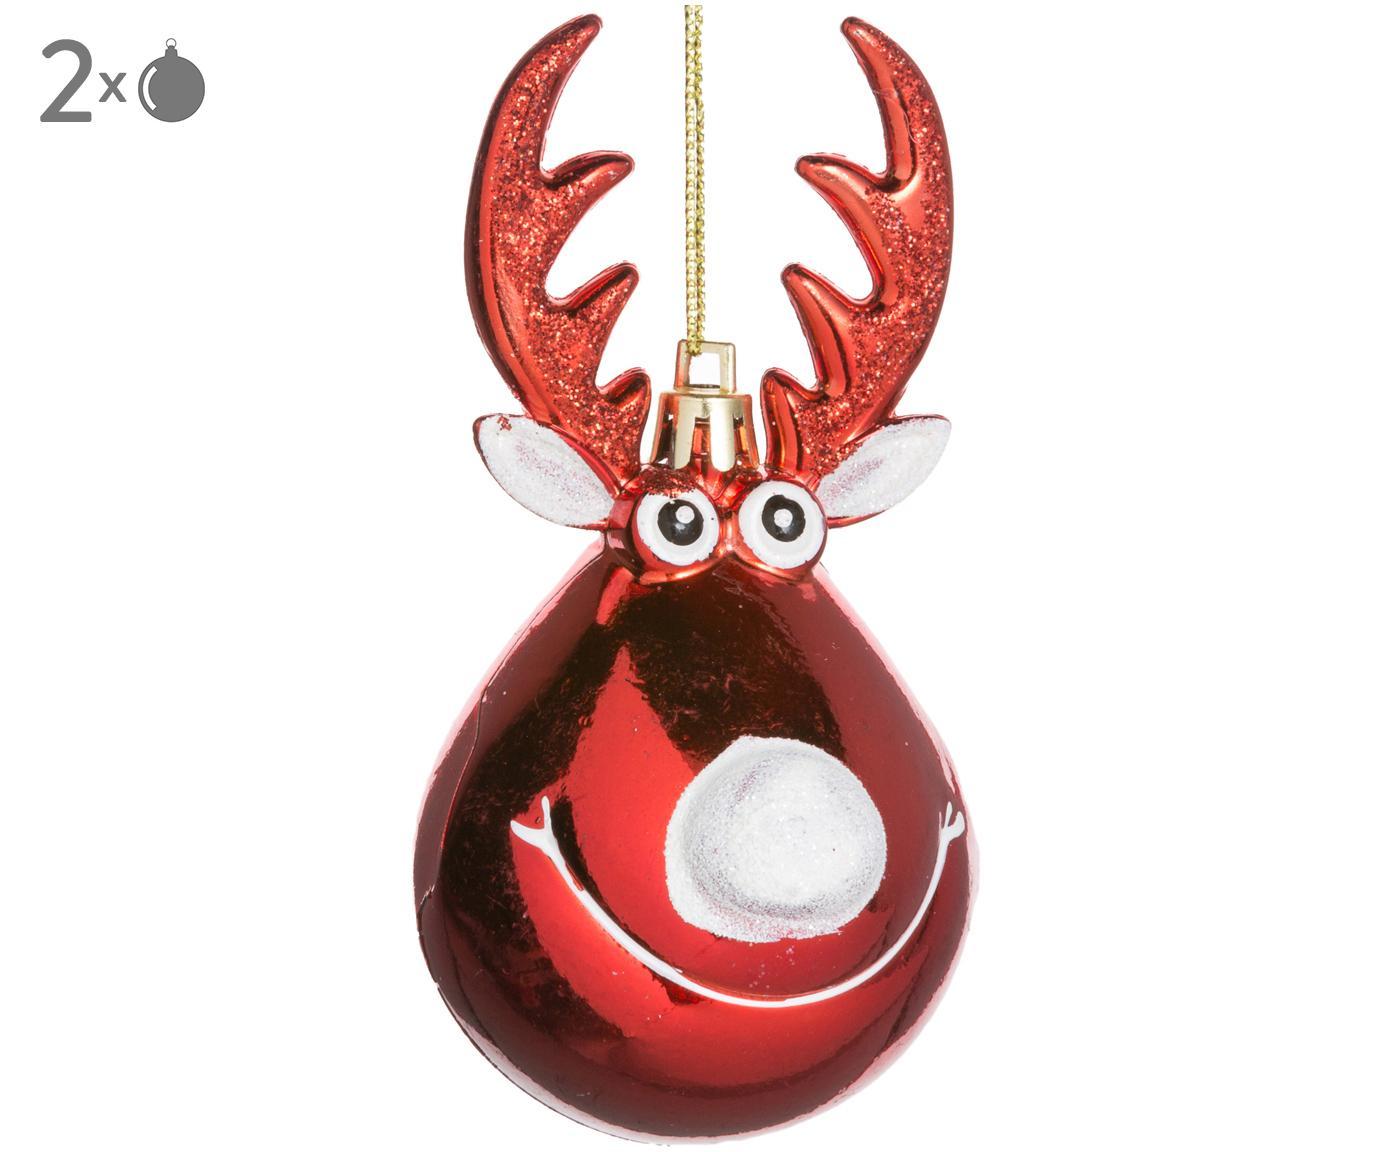 Decorazioni per l'albero di Natale Rudolph, 2 pz., Materiale sintetico, Natale rosso, bianco, dorato, Ø 5 x A 12 cm